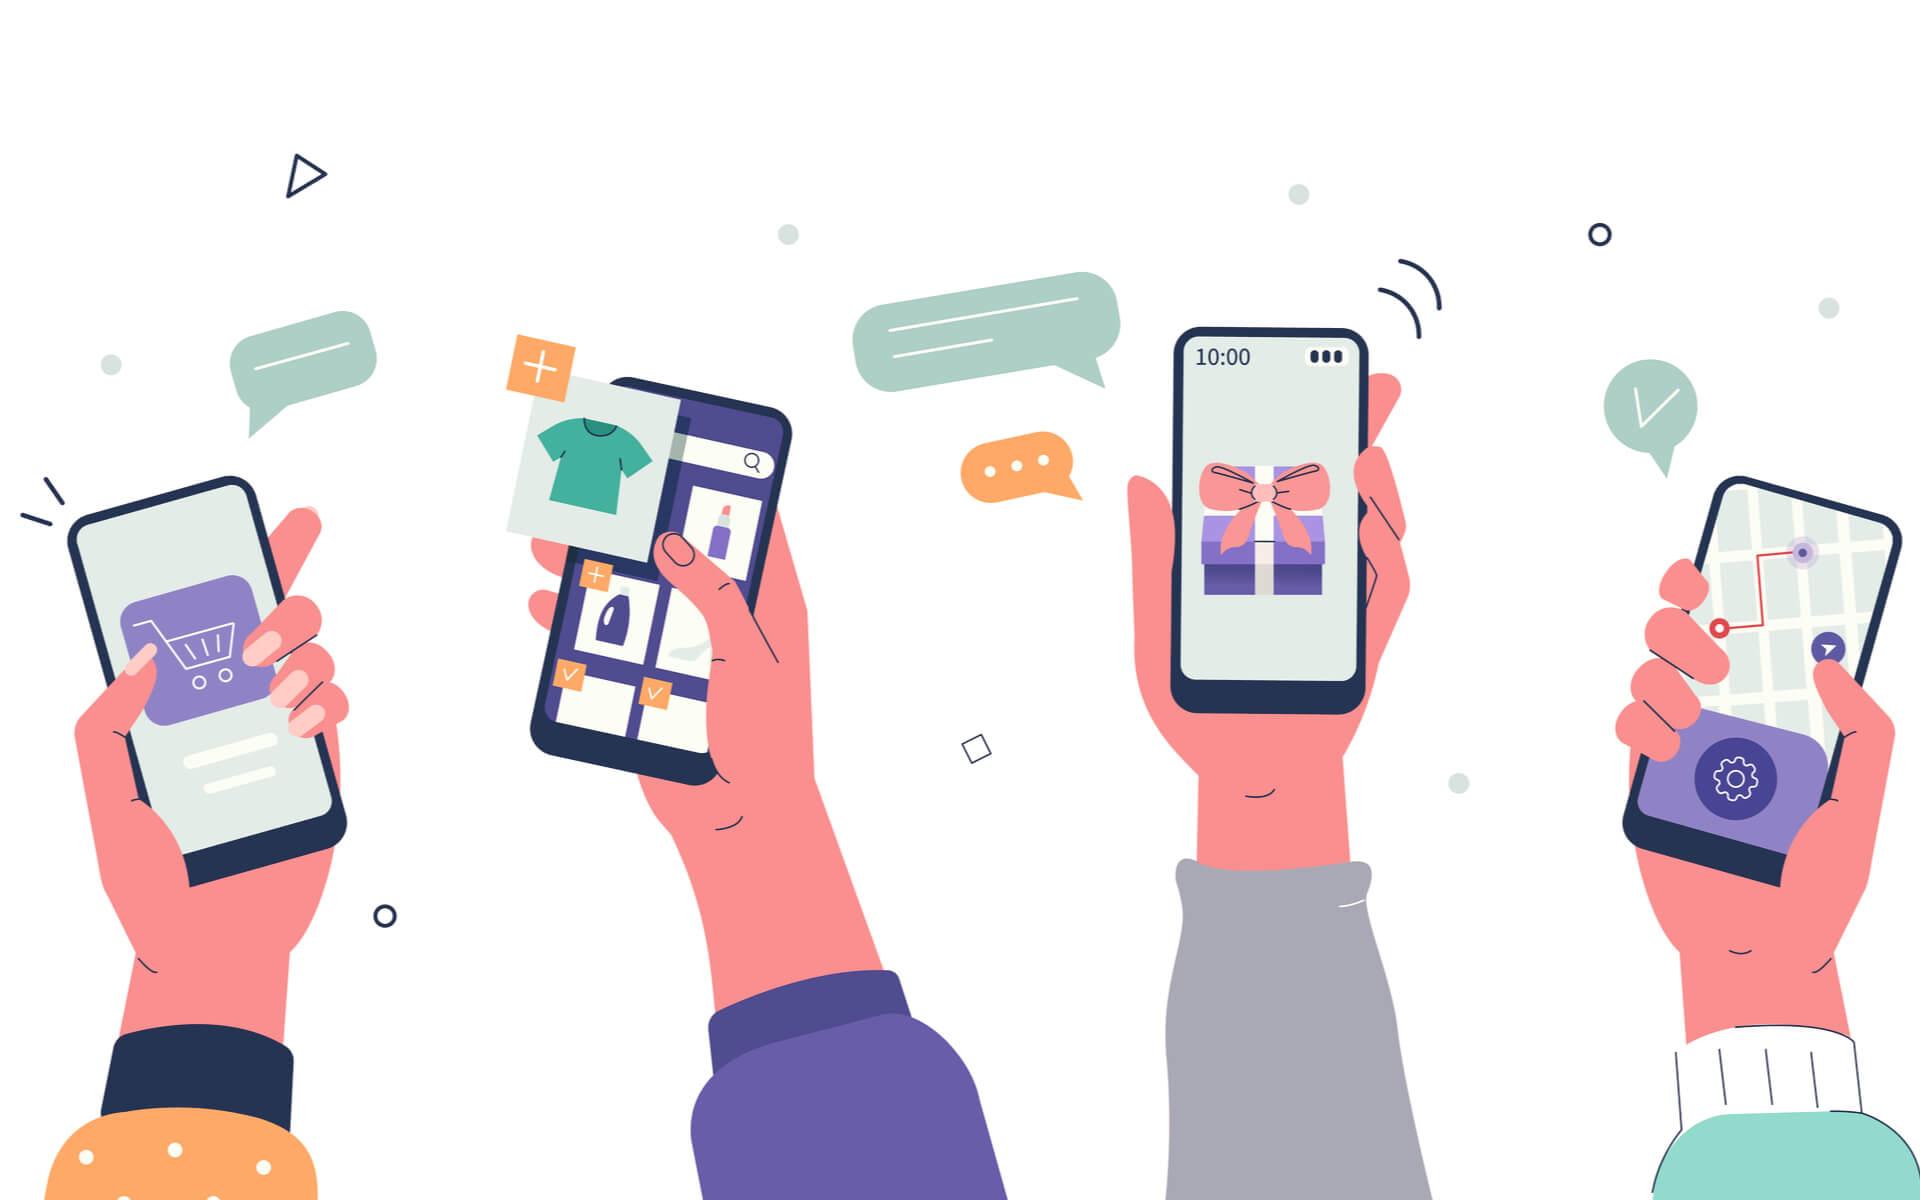 bg-in-app_sales_mobile_app_shopping